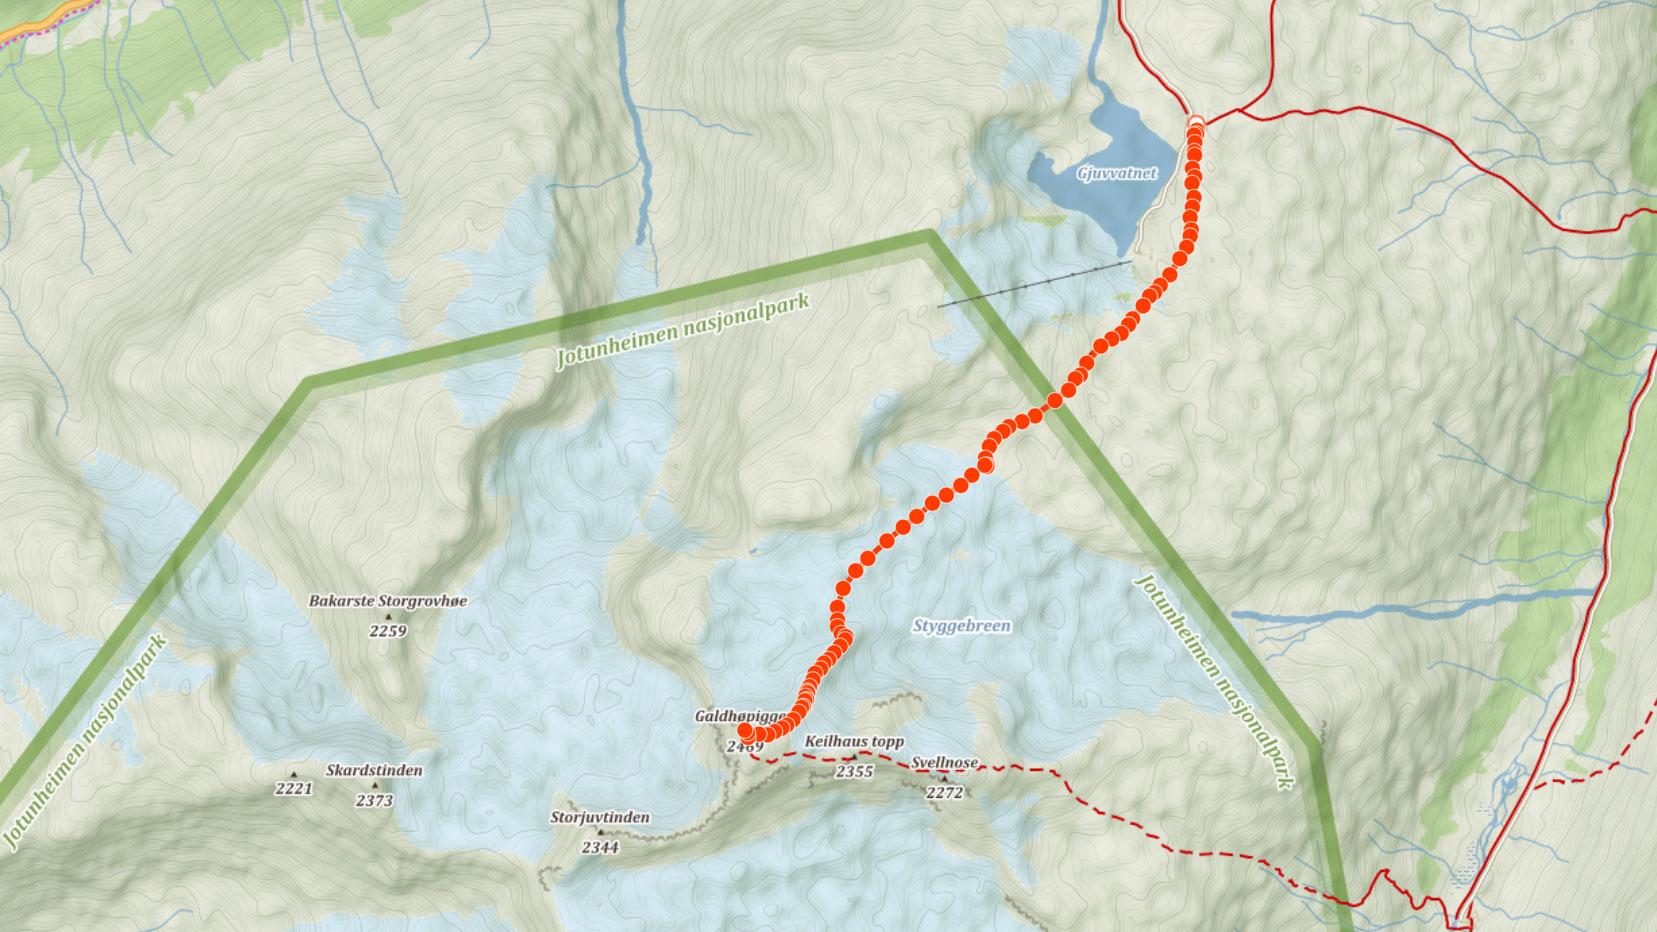 Výstupová trasa na Galhopiggen od chaty Juvasshytta přes ledovec Styggebreen